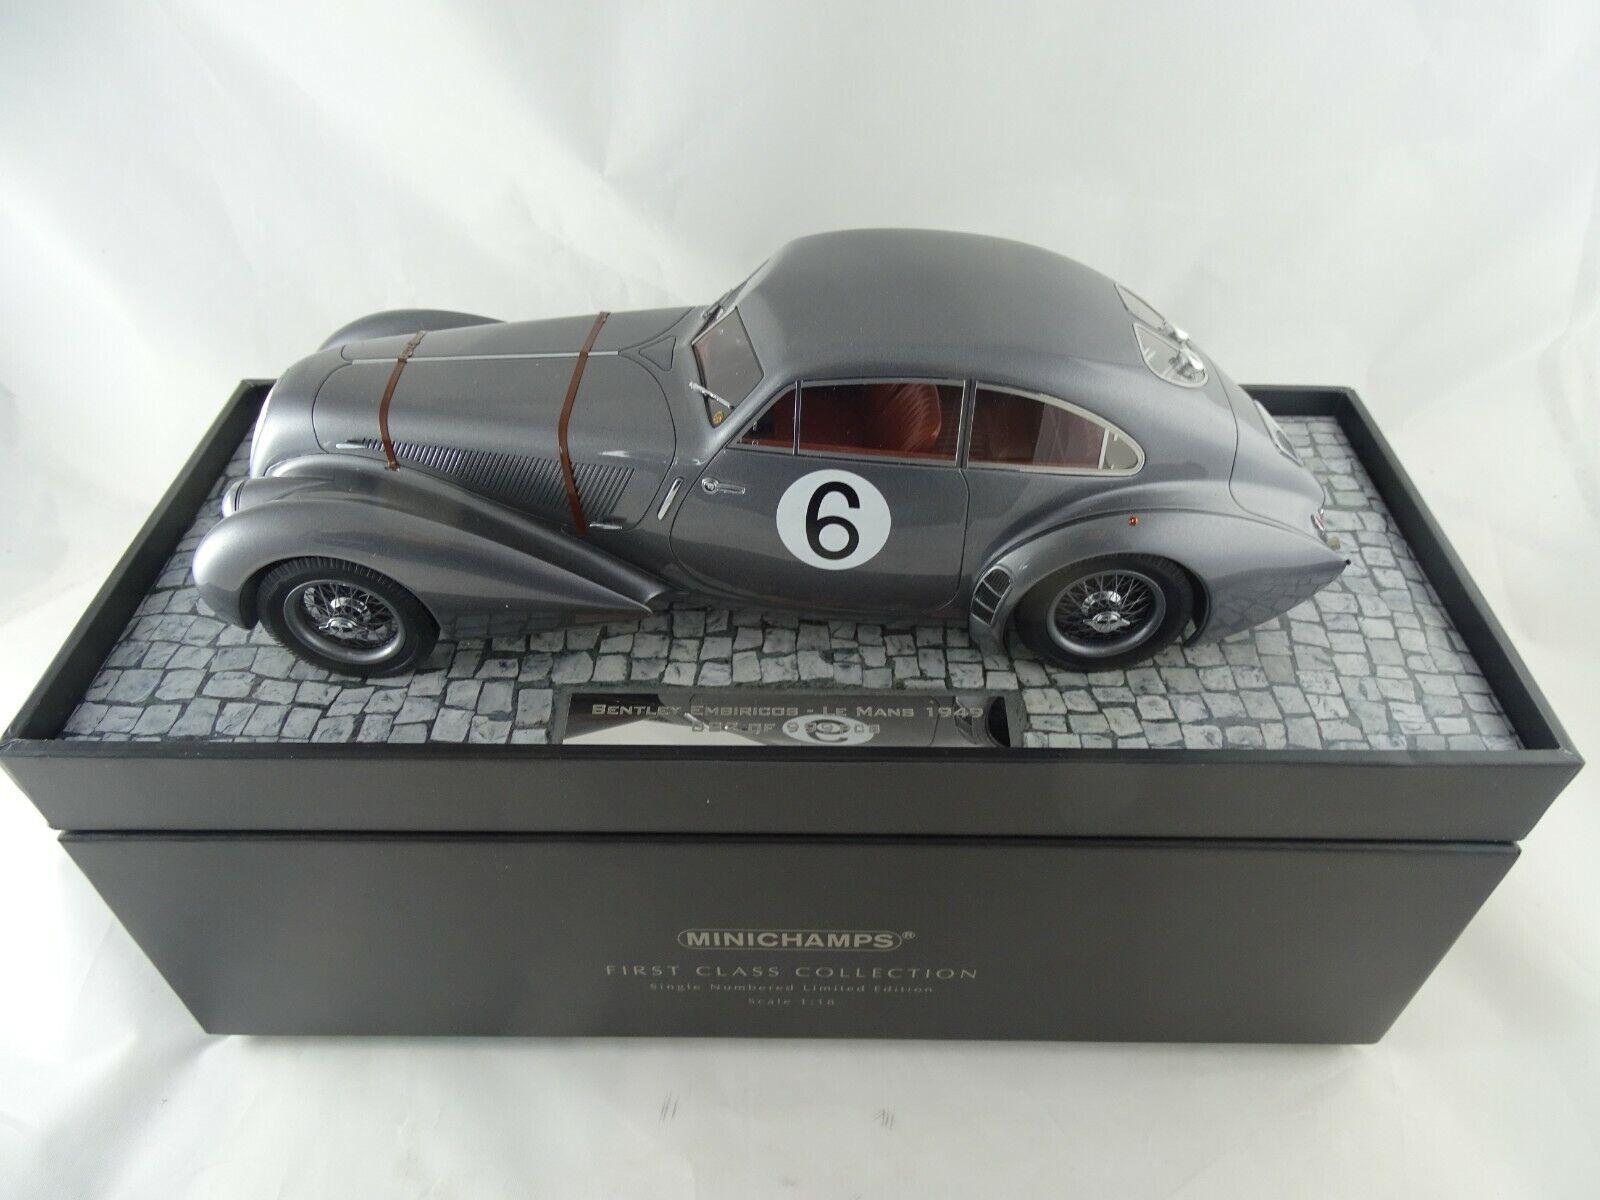 1 18 Minichamps 107491396  1949 Bentley Embiricos HayWISDOM LE uomoS  6 rarità